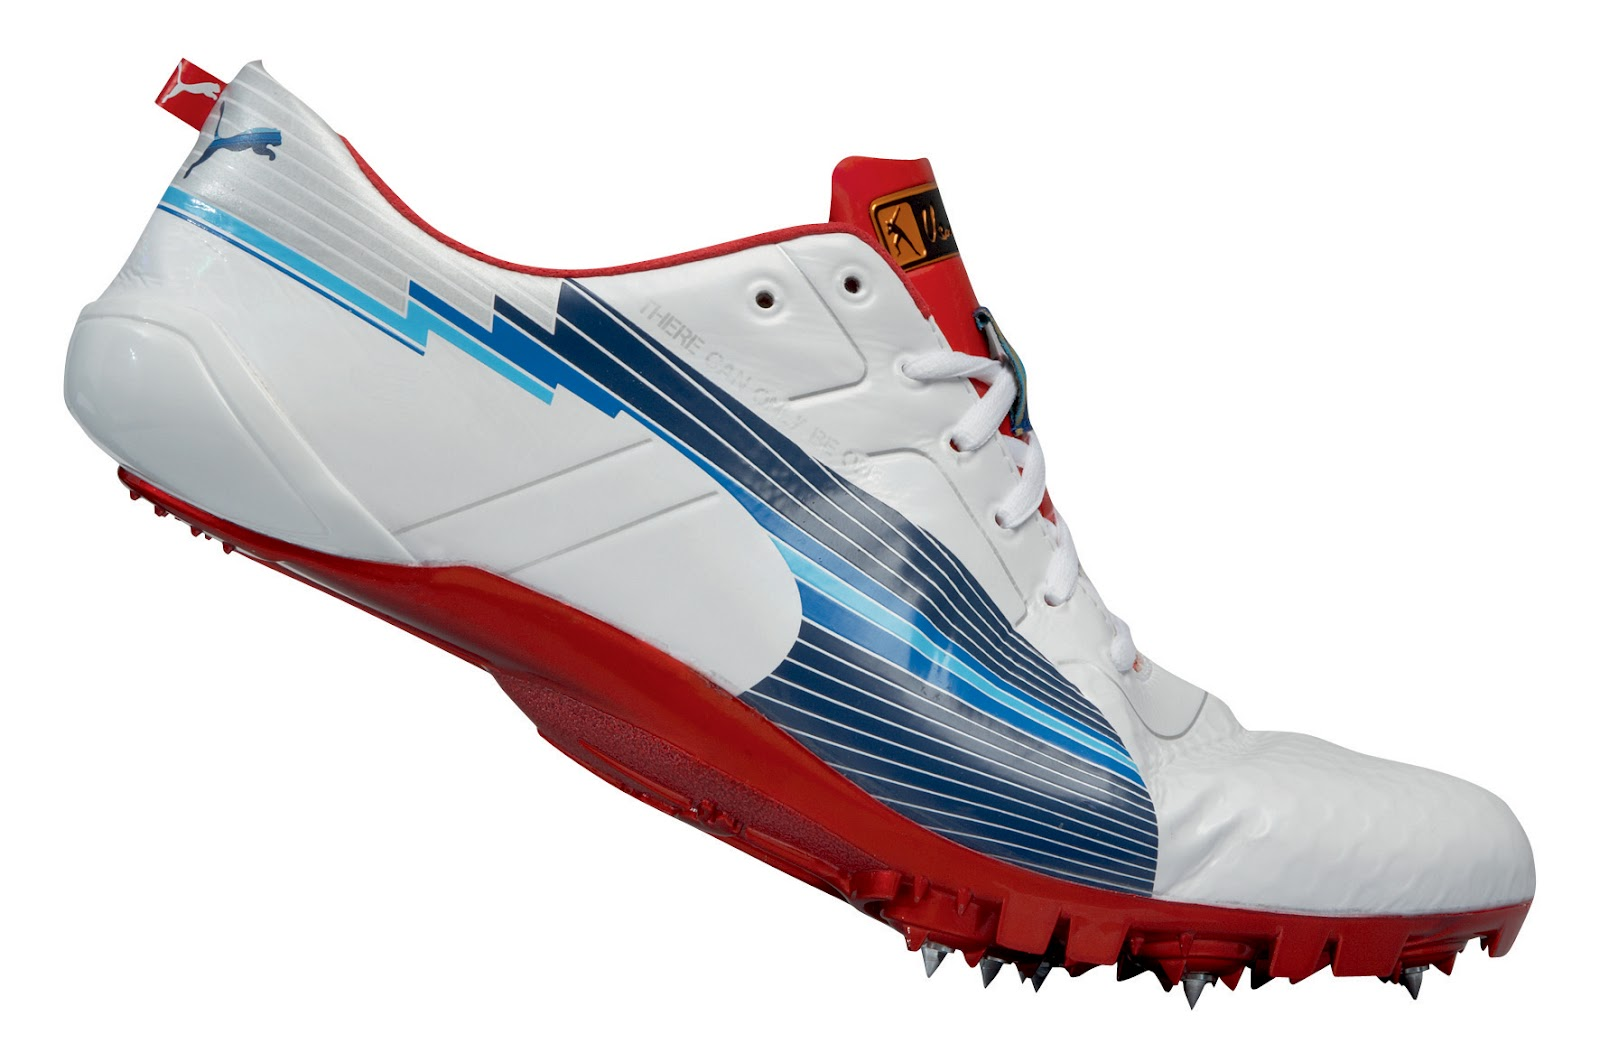 usain bolts spikes london 2012 the running shoe guru